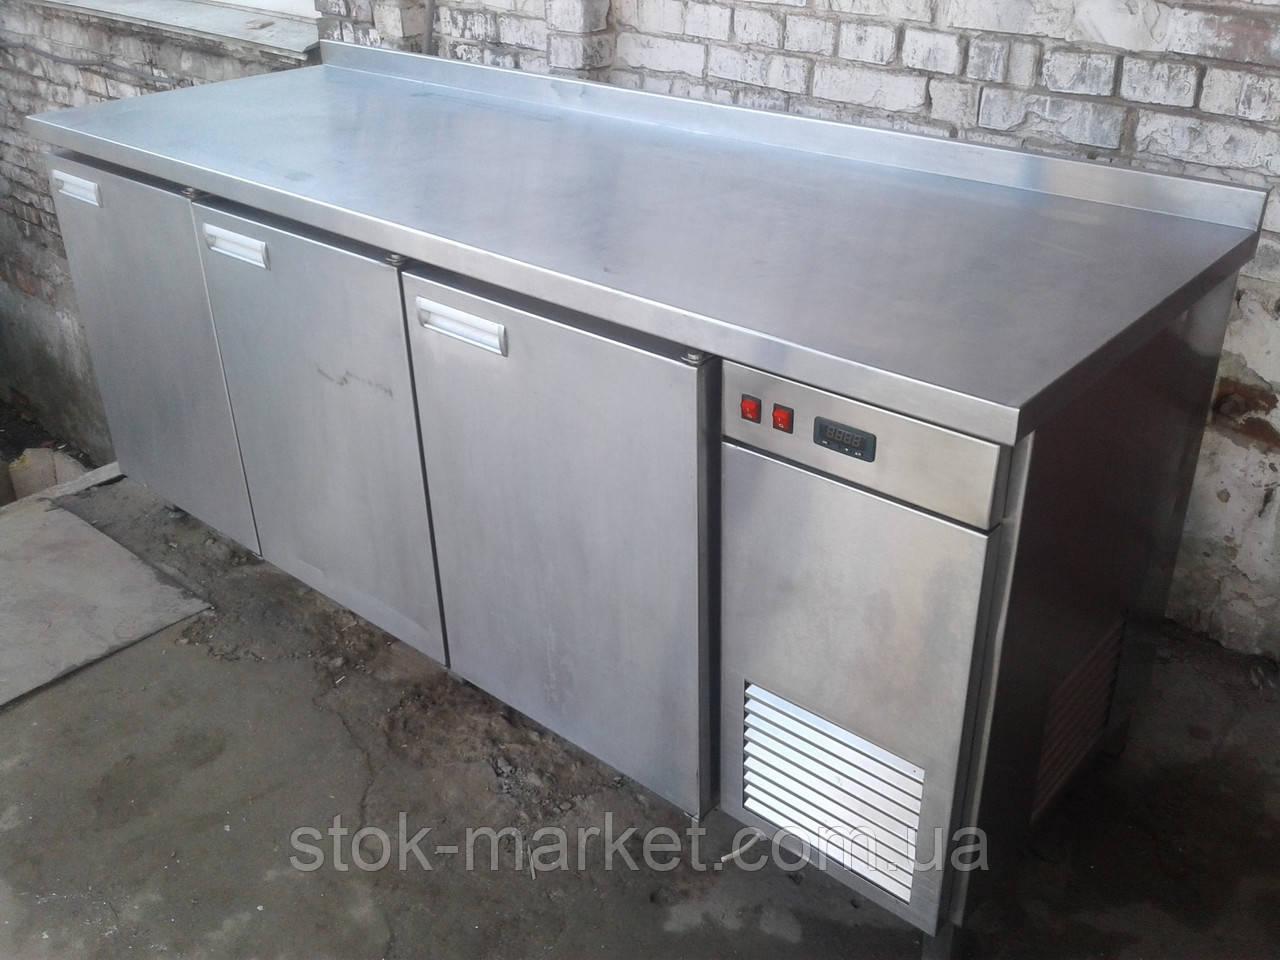 Холодильный стол Украина 2 м. б/у, Стол холодильный б у, Холодильный стол б у, фото 1